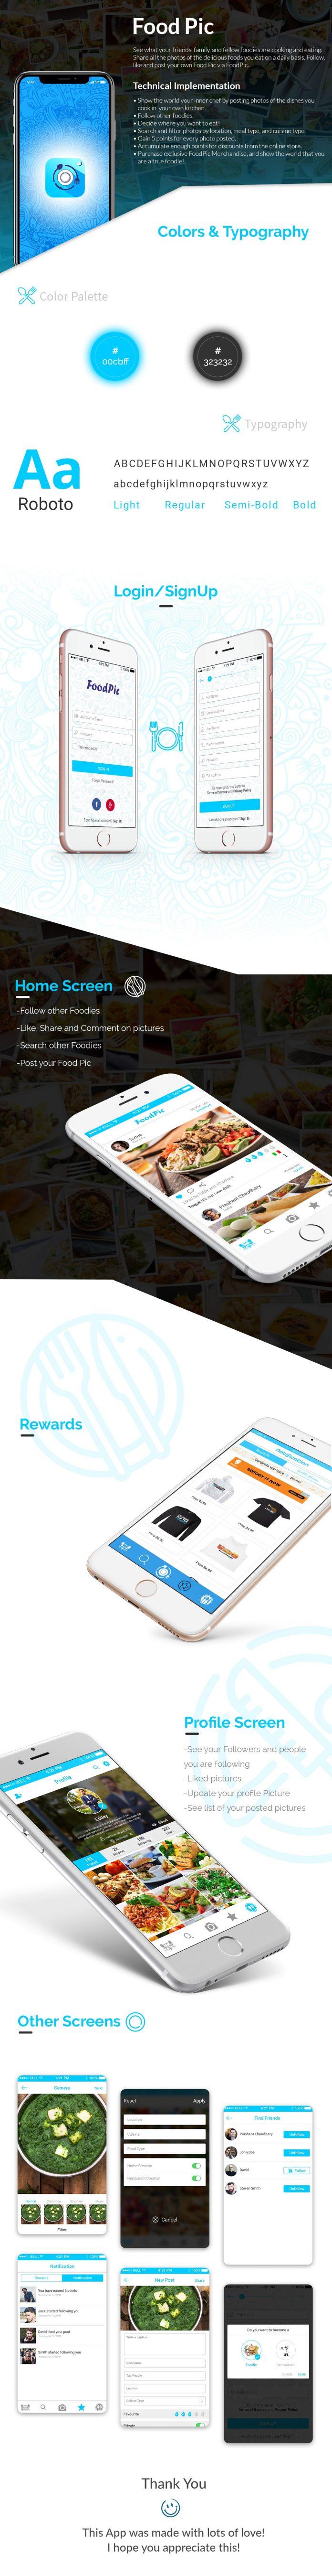 FoodPic App-min